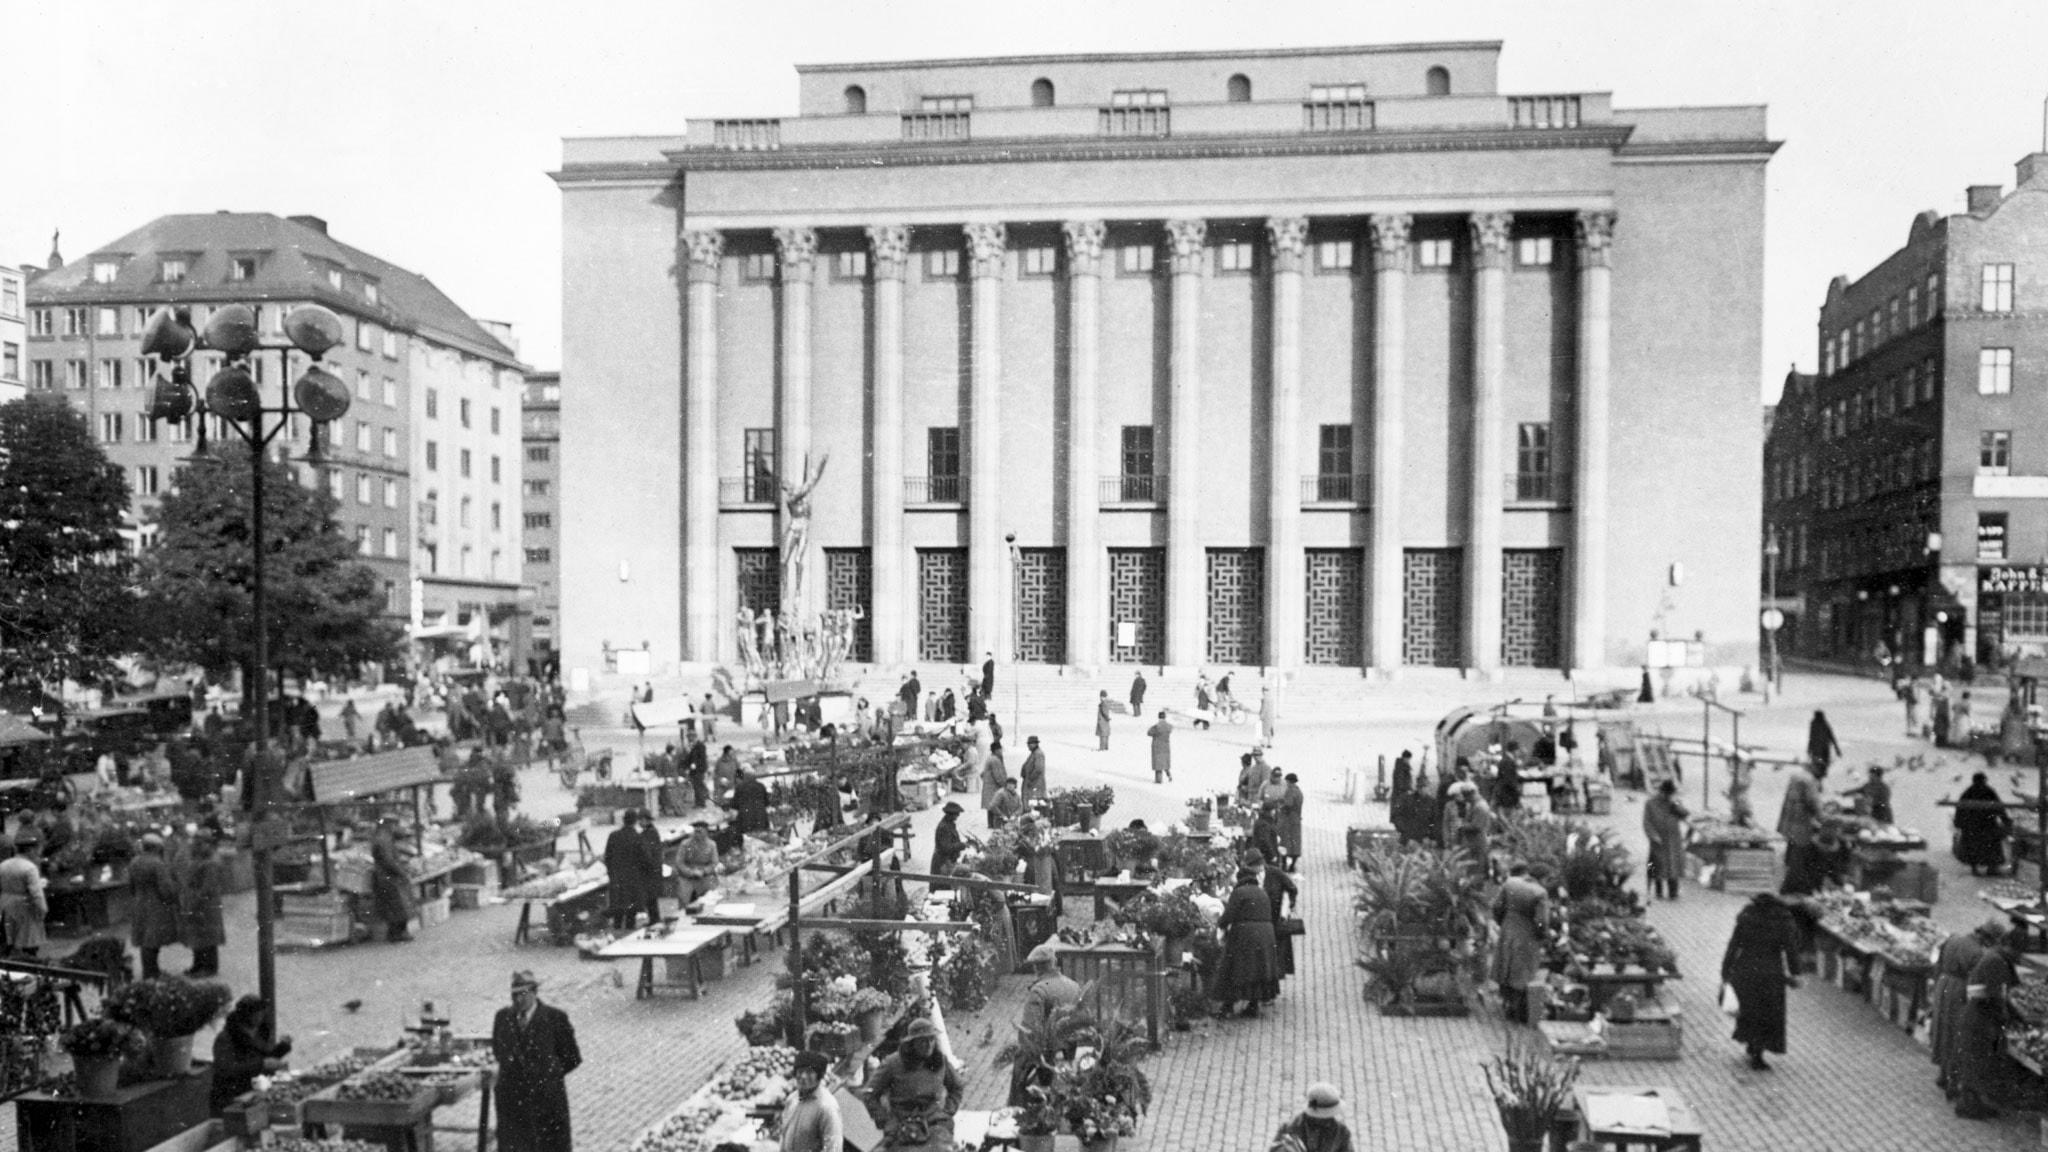 Orfeusmonumentet invigs 1936